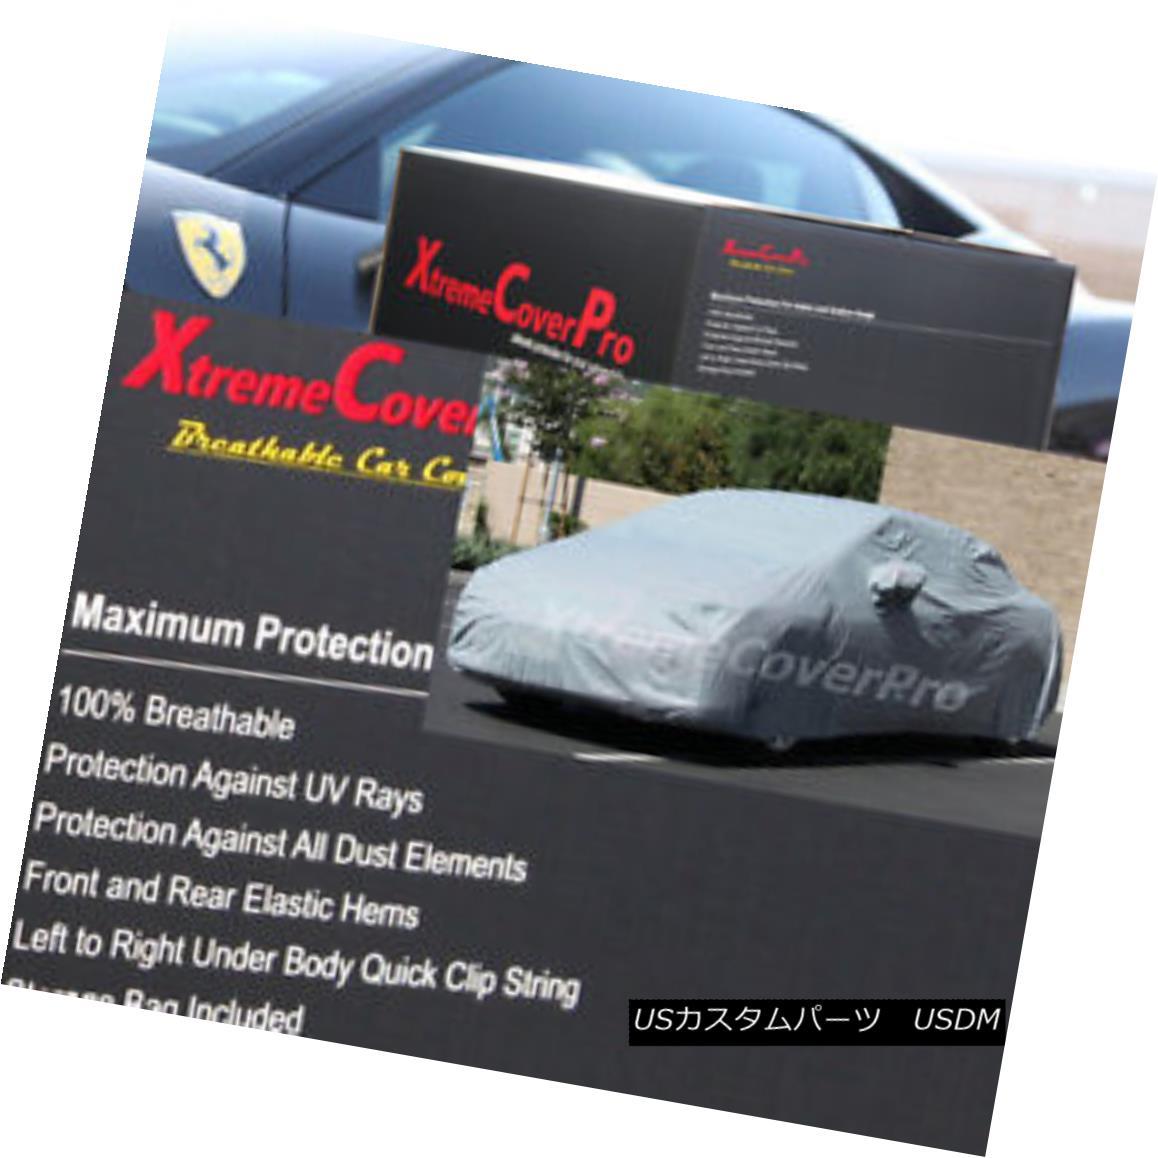 カーカバー 2015 CHEVROLET CAMARO Breathable Car Cover w/Mirror Pockets - Gray 2015 CHEVROLET CAMARO通気性の車カバー、ミラーポケット付き - グレー